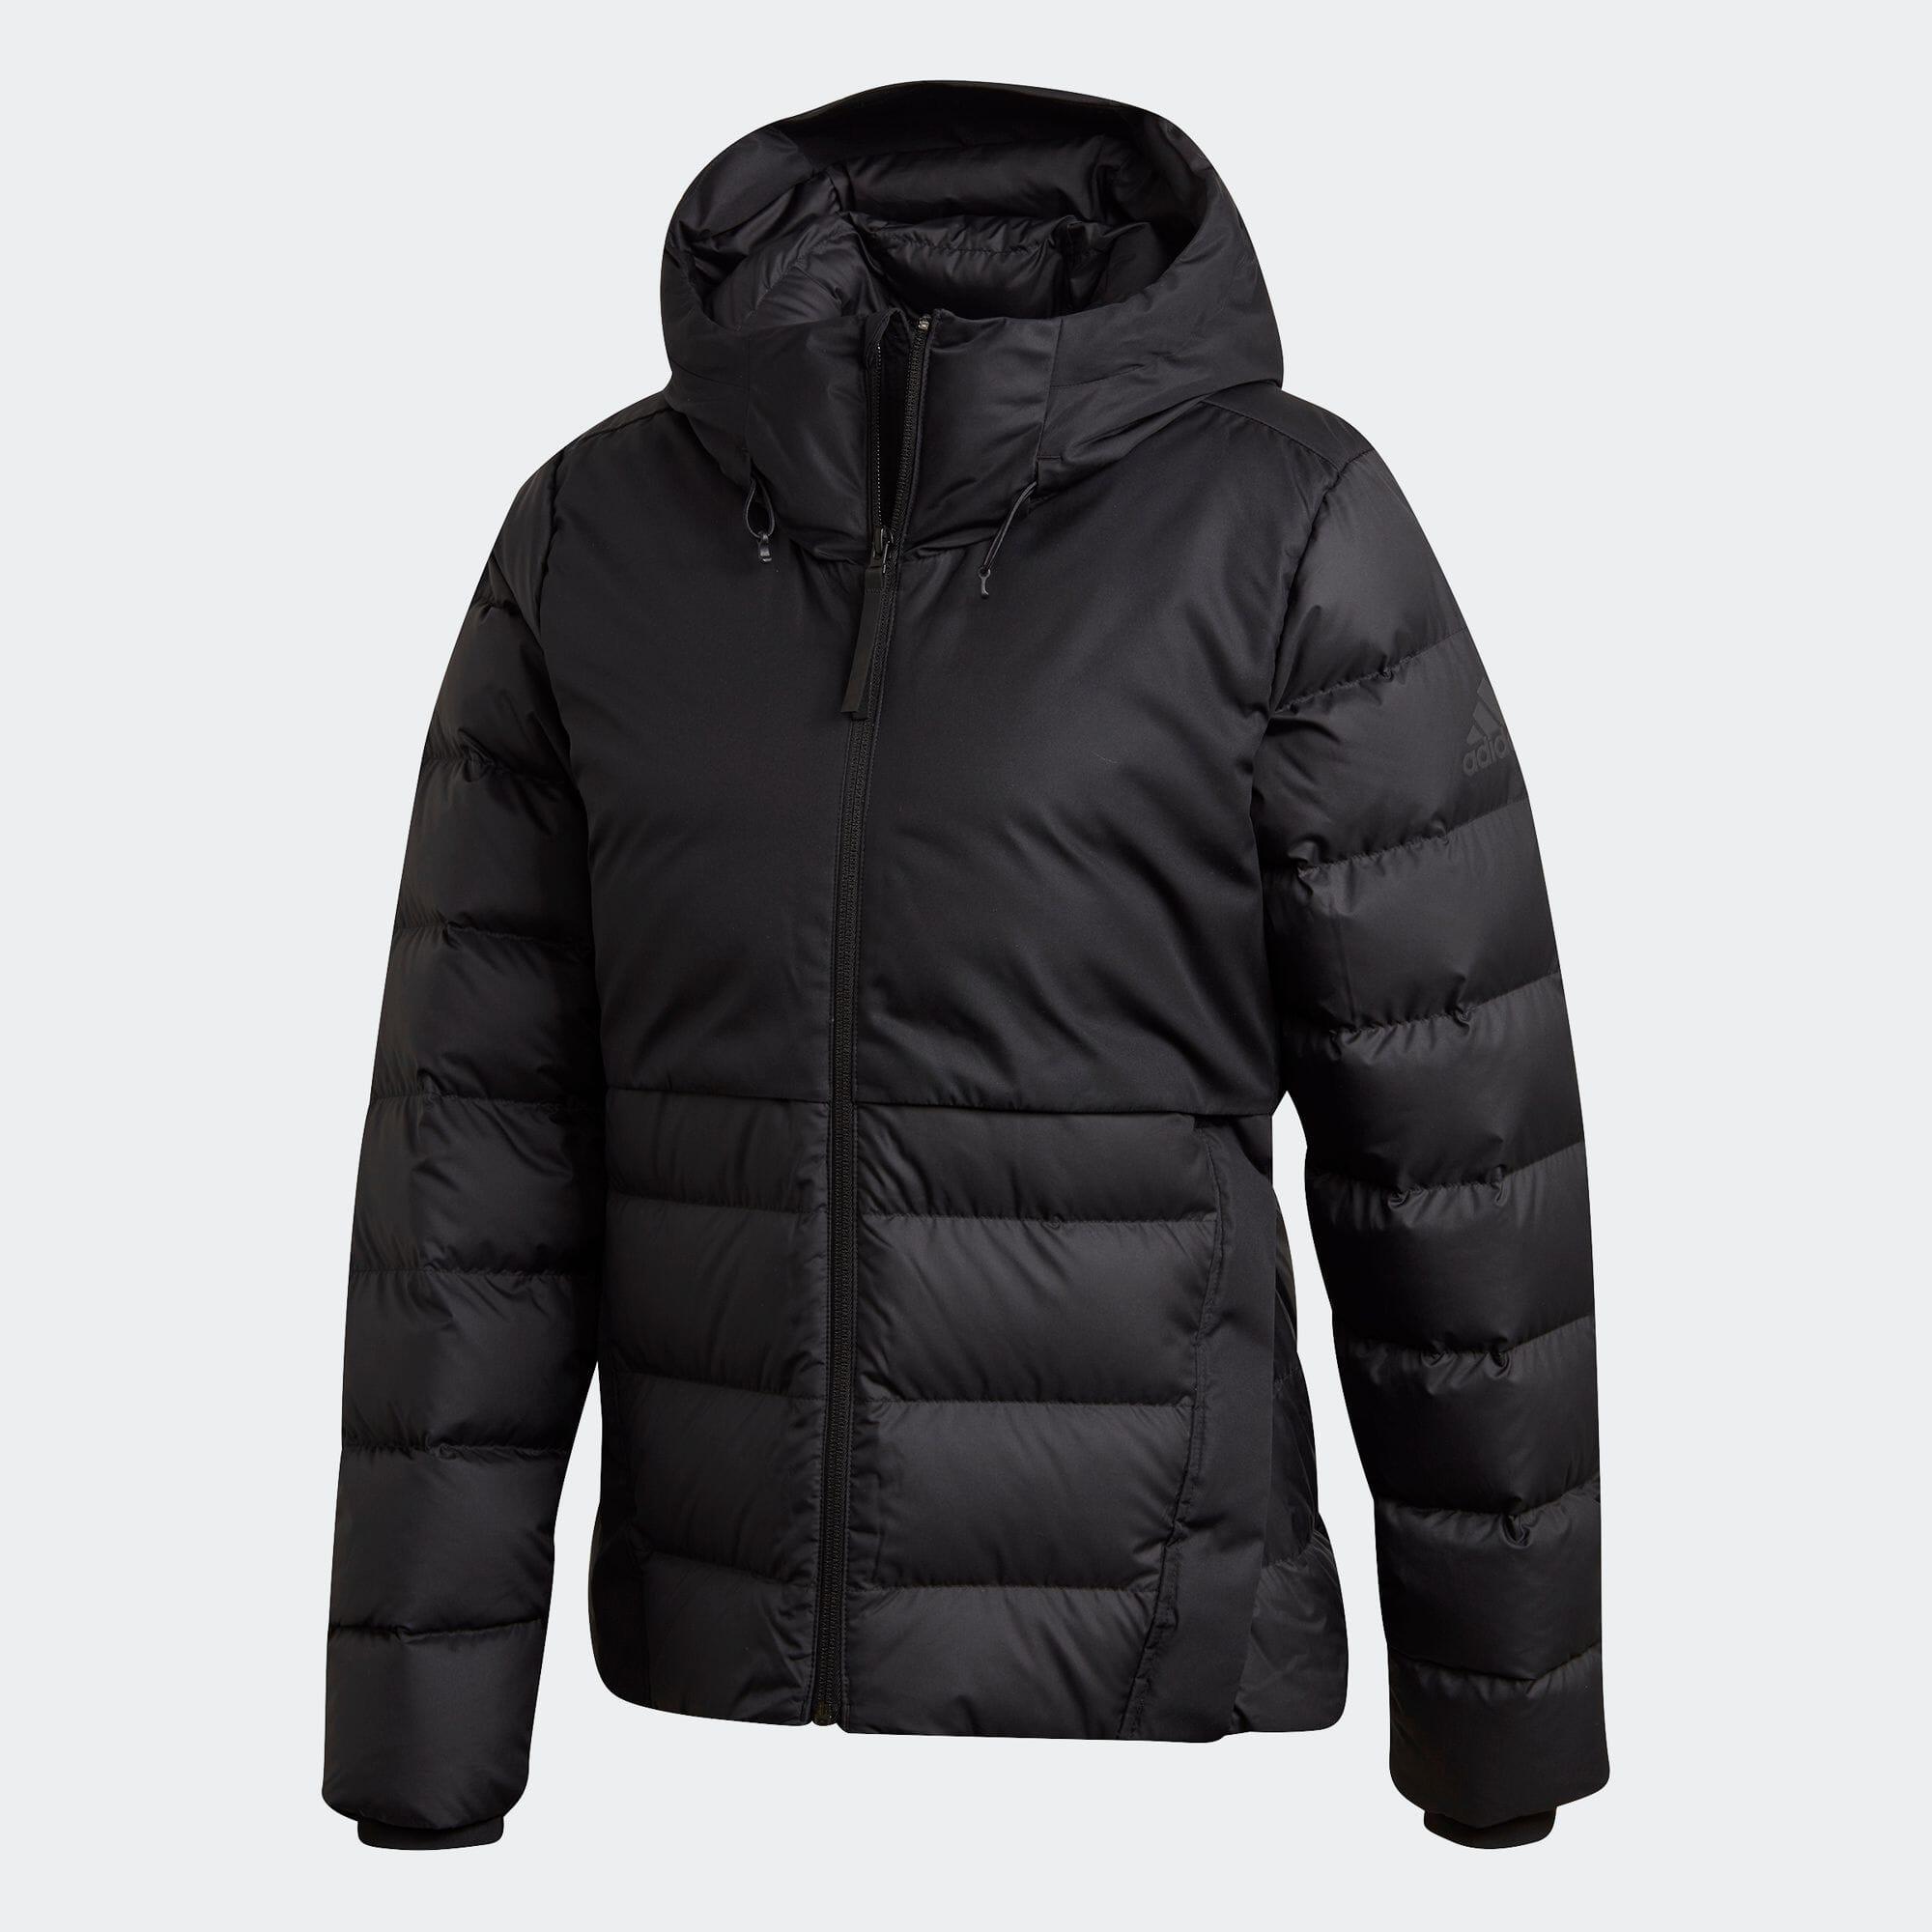 アーバン COLD. RDY ダウンジャケット / Urban COLD. RDY Down Jacket